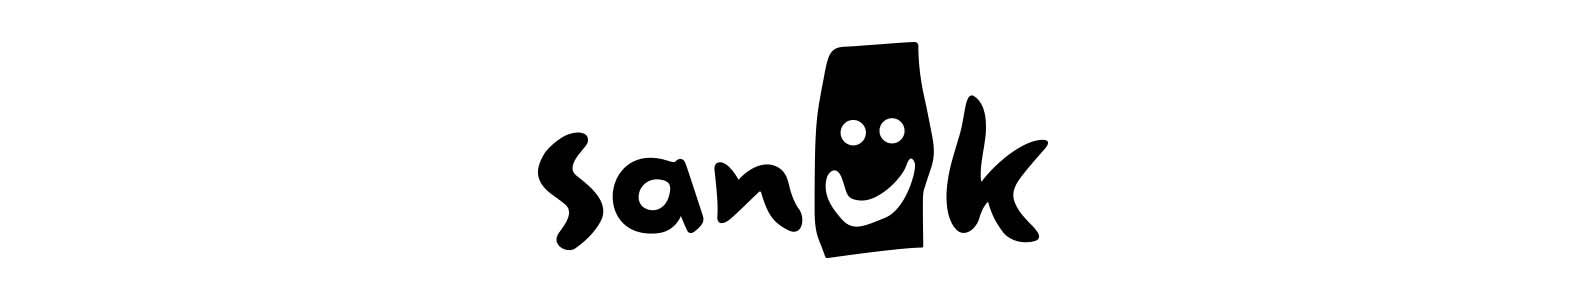 Sanuk brand header image